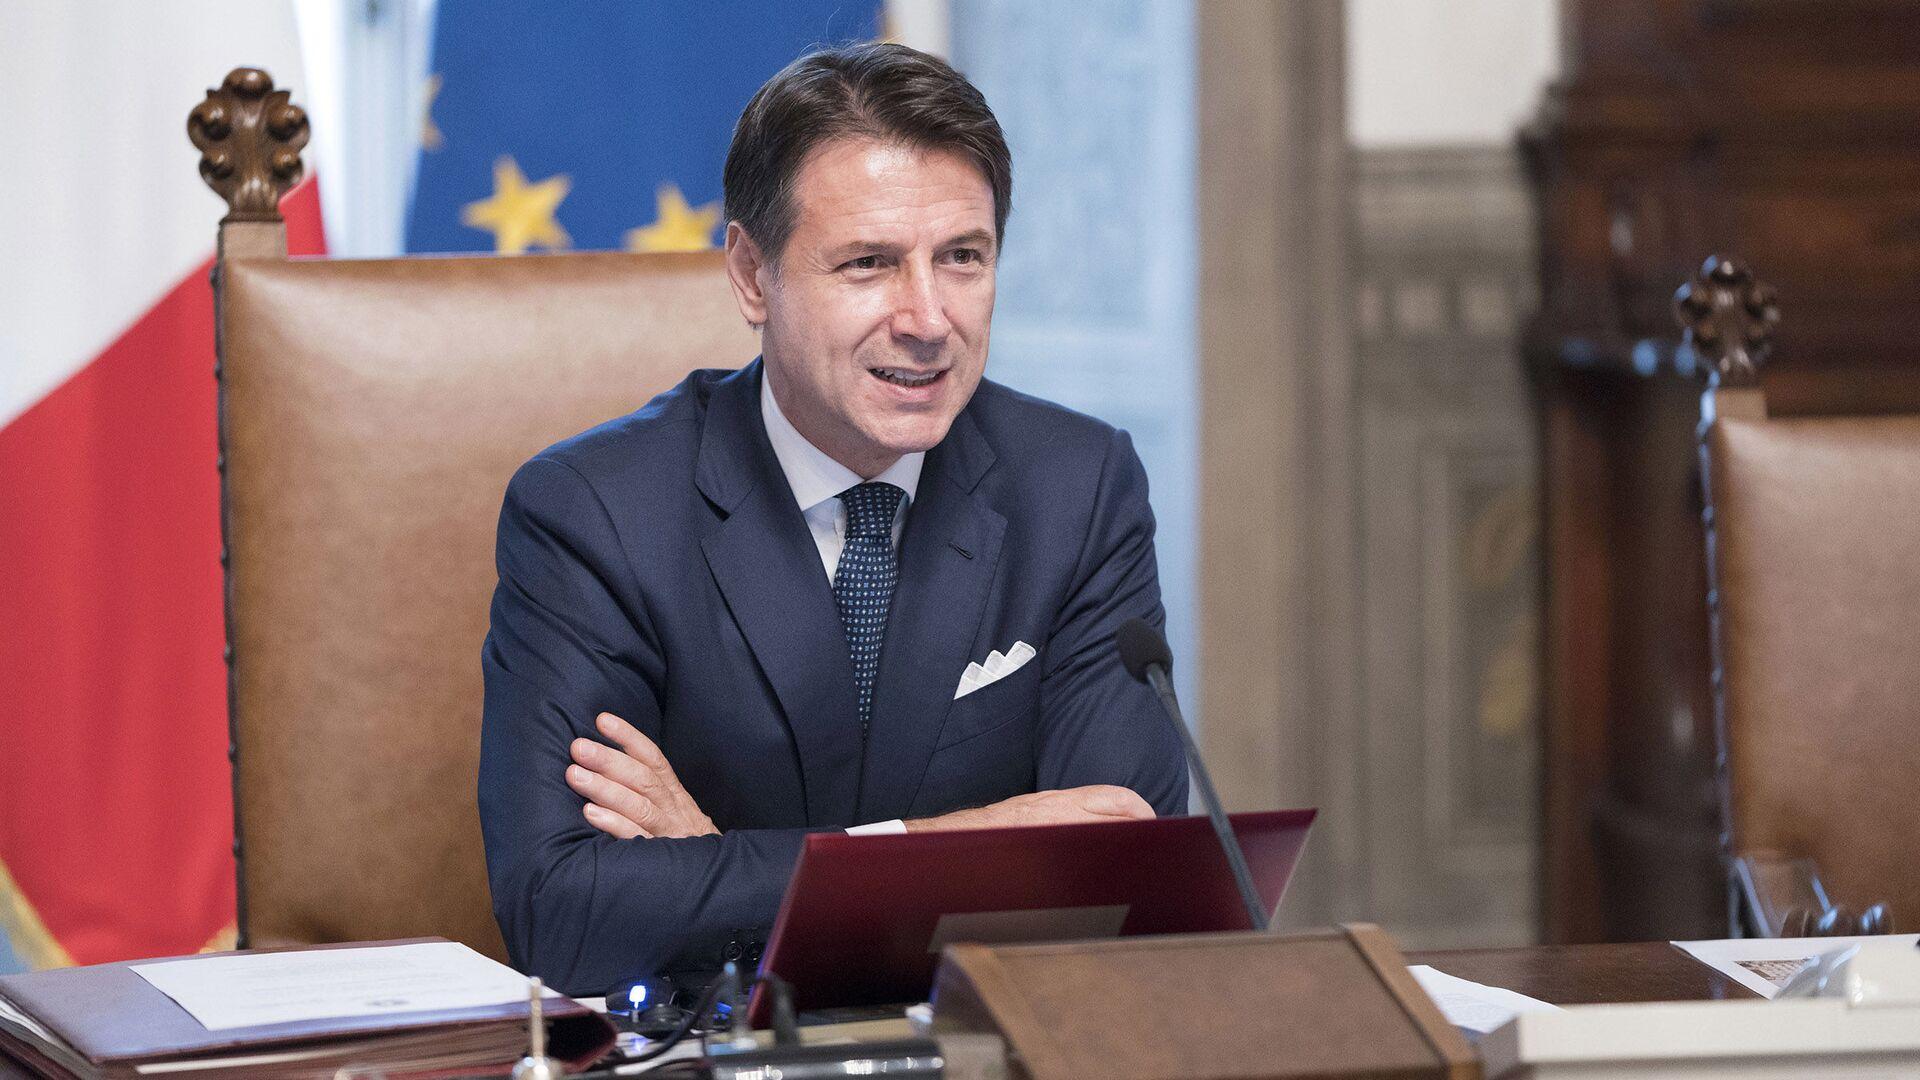 Riunione del primo Consiglio dei Ministri, Il Presidente del Consiglio, Giuseppe Conte. - Sputnik Italia, 1920, 24.07.2021